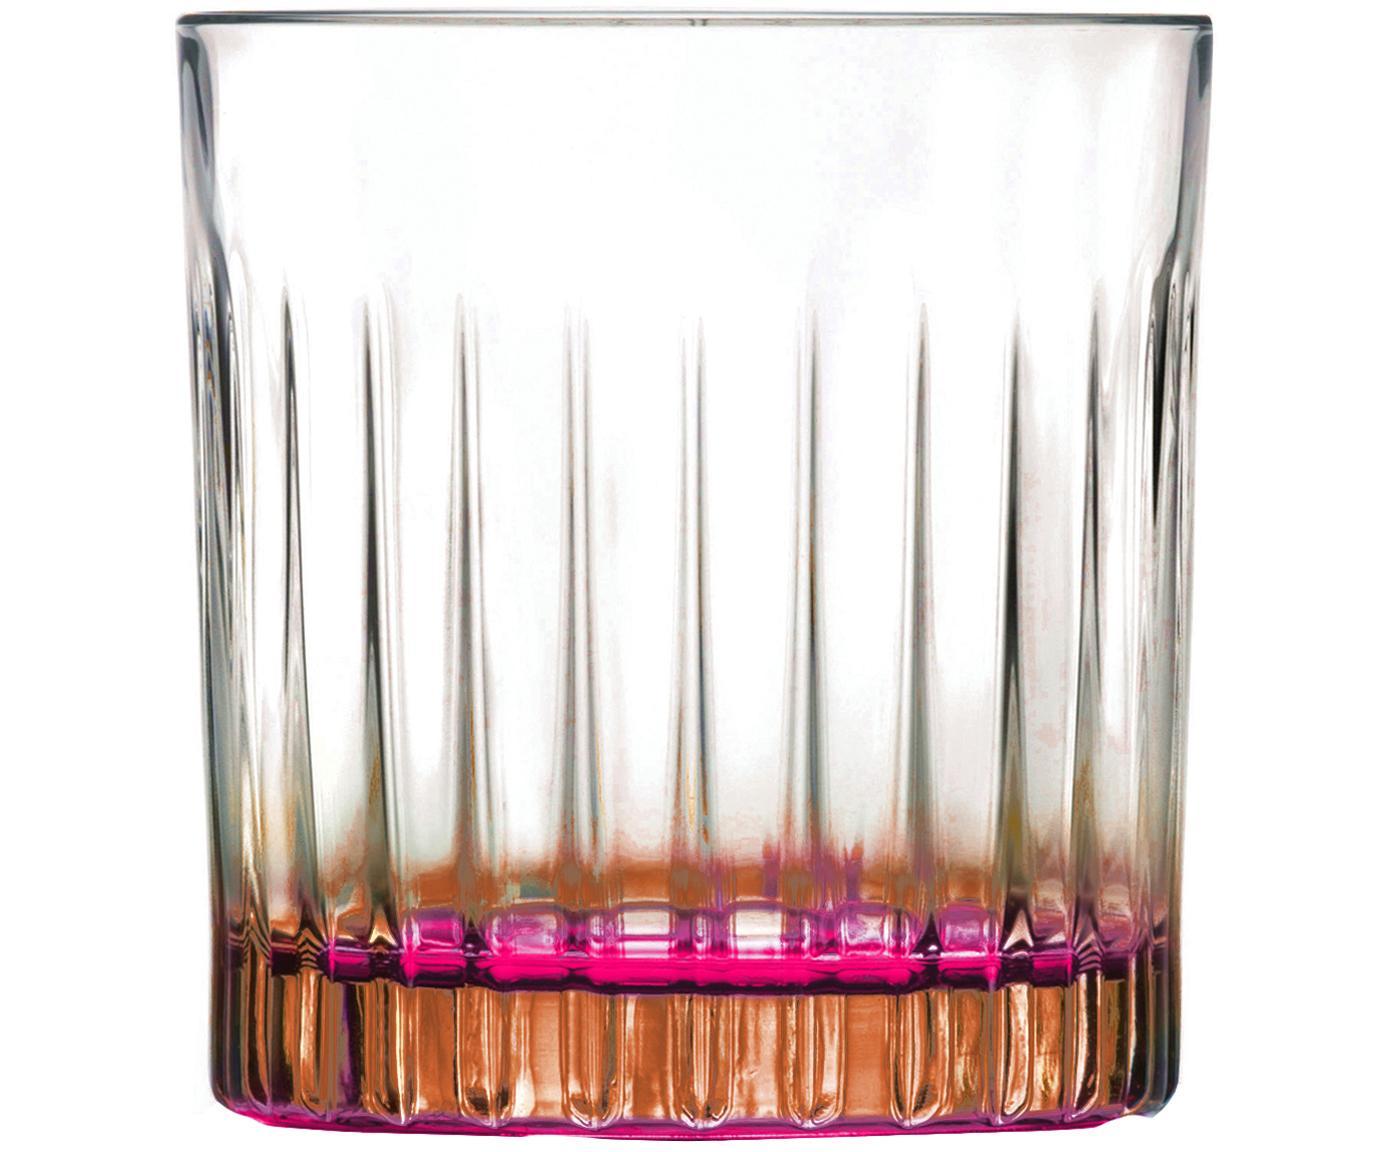 Kryształowa szklanka Gipsy, 6 szt., Szkło kryształowe, Transparentny, odcienie miedzi, różowy, Ø 8 x W 9 cm